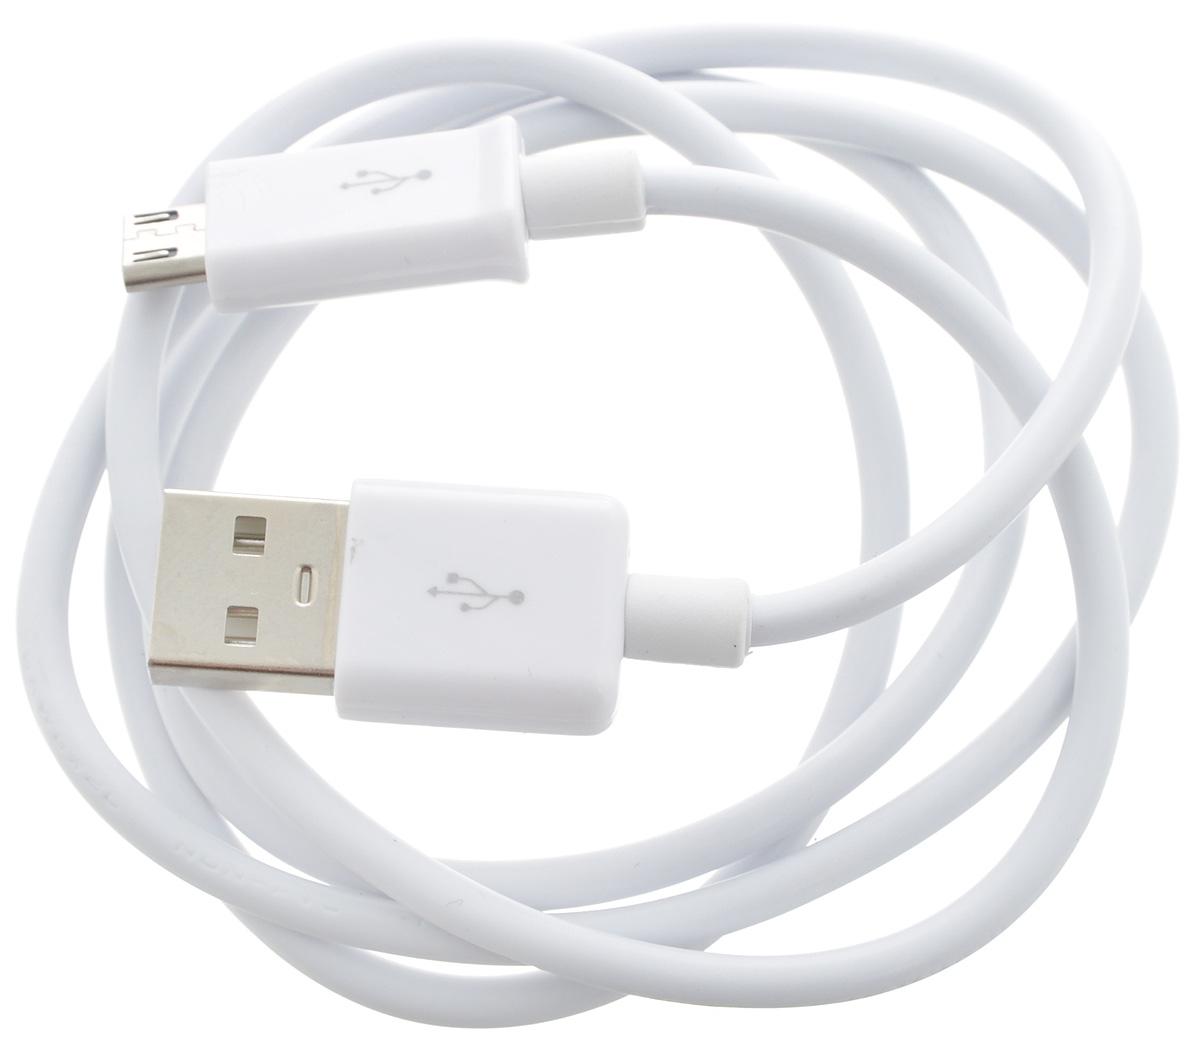 Главдор GL-396 кабель microUSBGL-396Кабель Главдор GL-396 предназначен для подключения и зарядки портативных устройств с коннектором типа microUSB к адаптерам питания с разъемом USB.